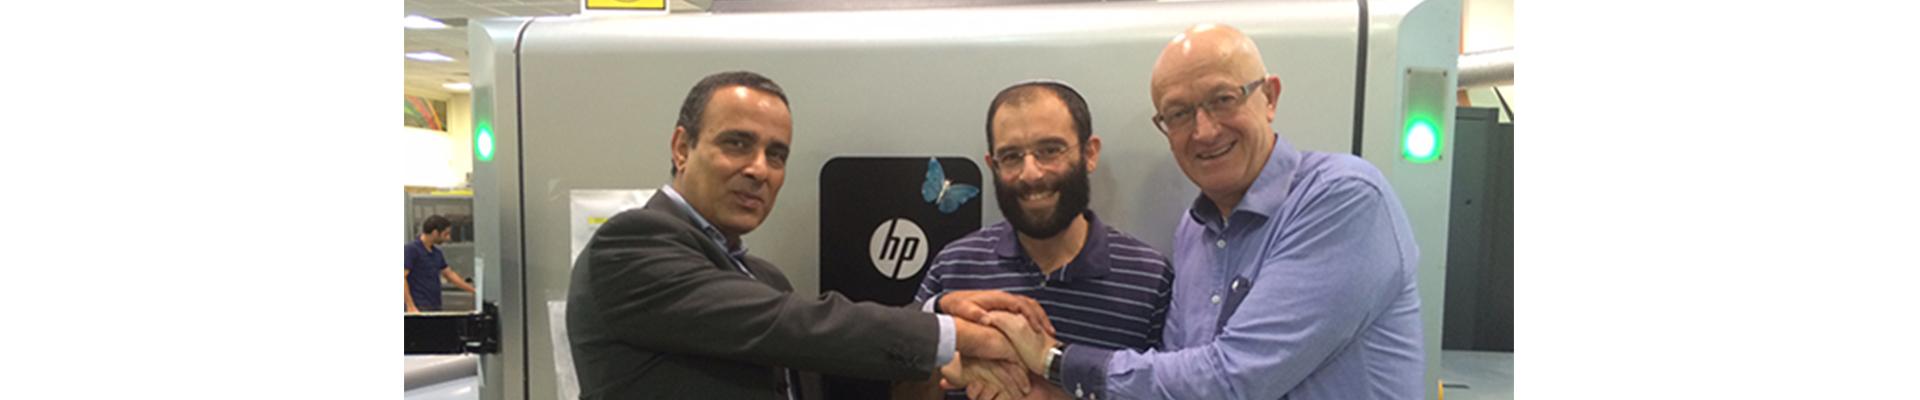 HP Meeting